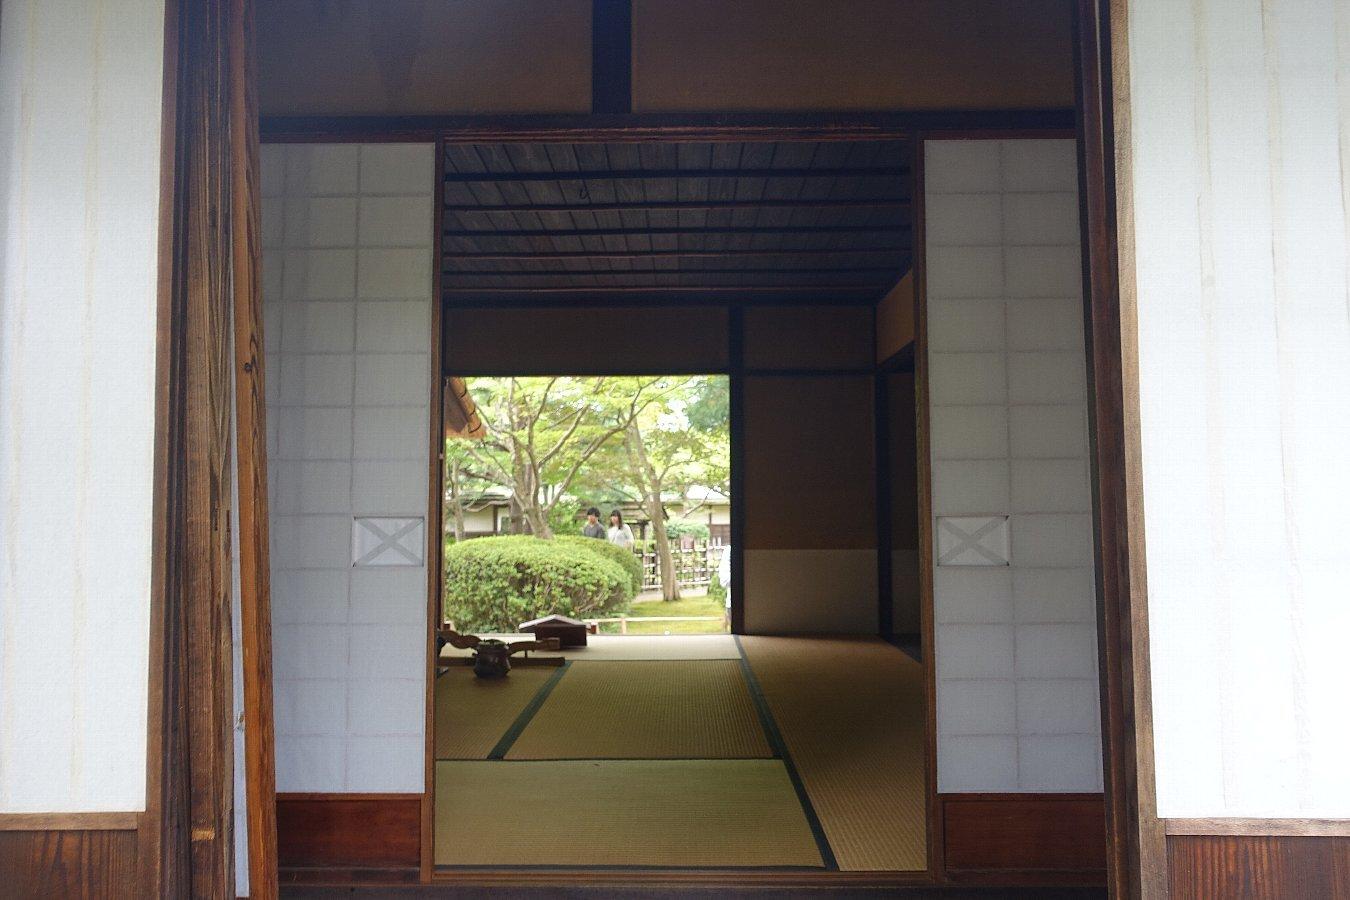 鶴ヶ城公園 茶室「麟閣」_c0112559_08411506.jpg